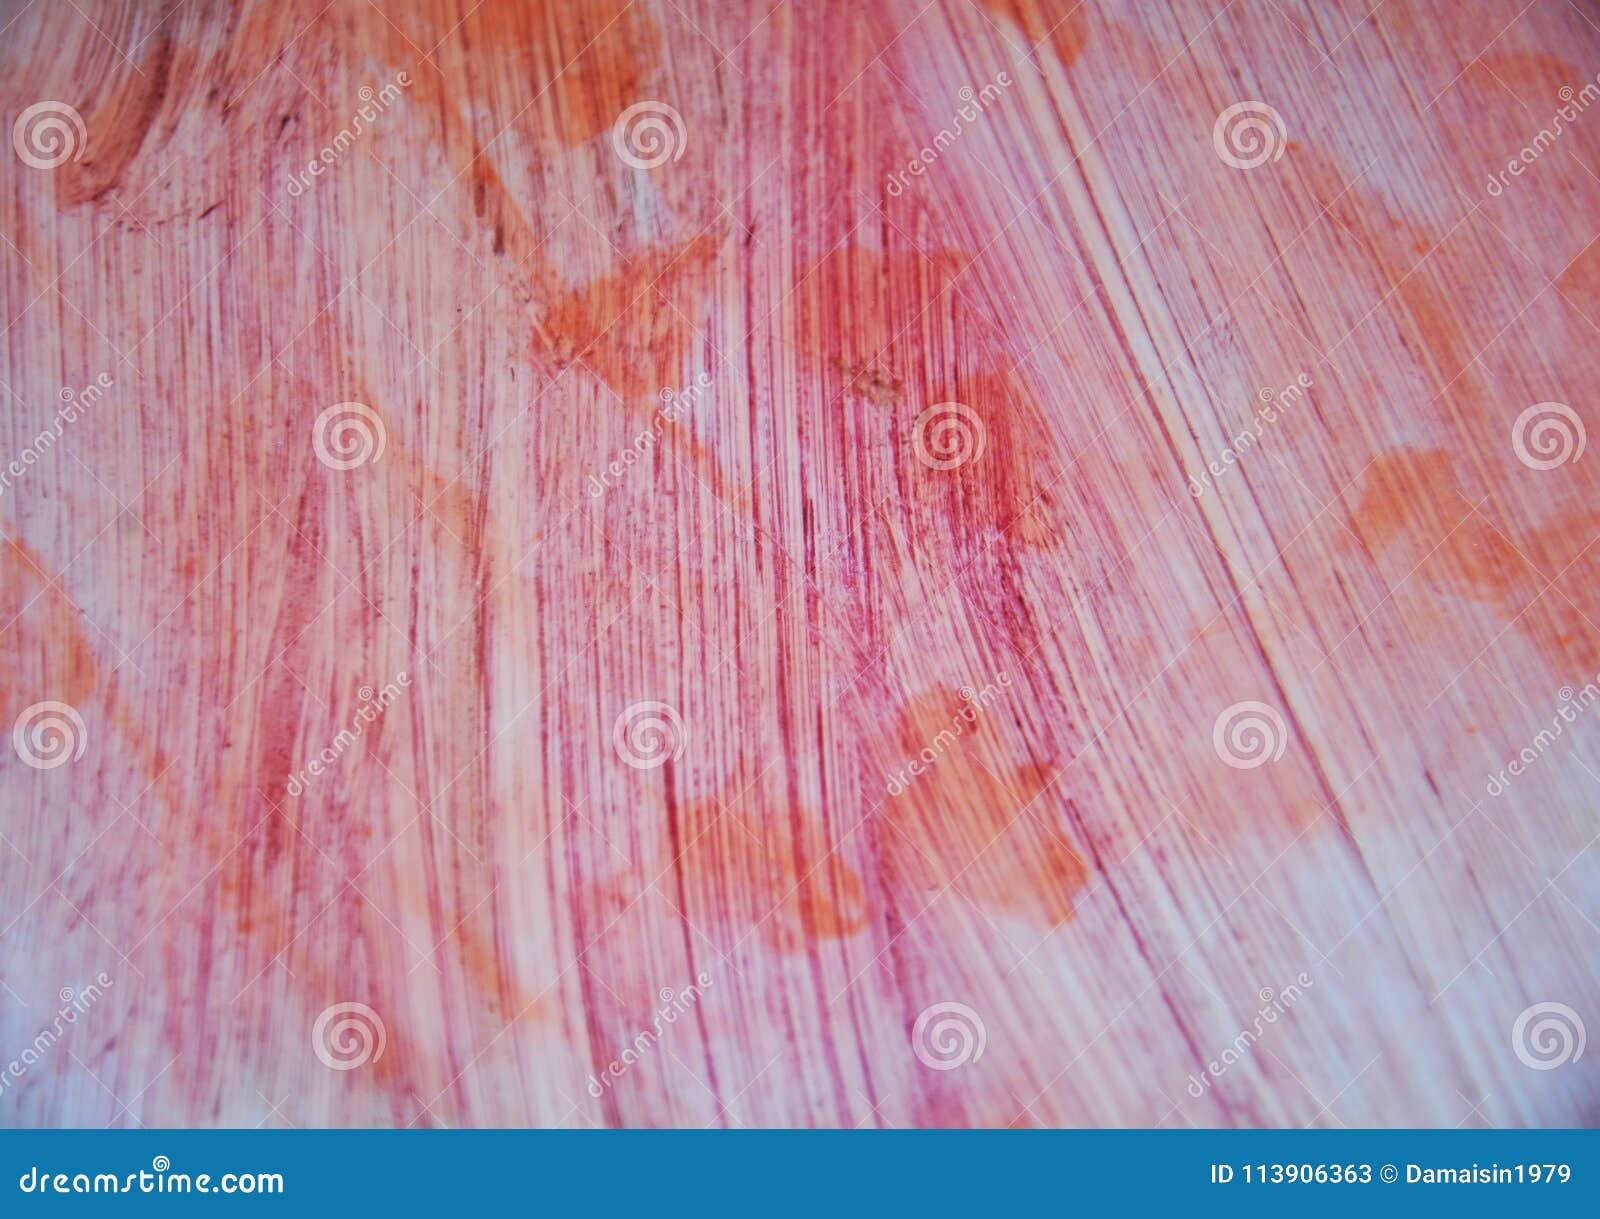 Spots rosa orange vit för vattenfärgen toner Abstrakt målarfärgvattenfärgbakgrund